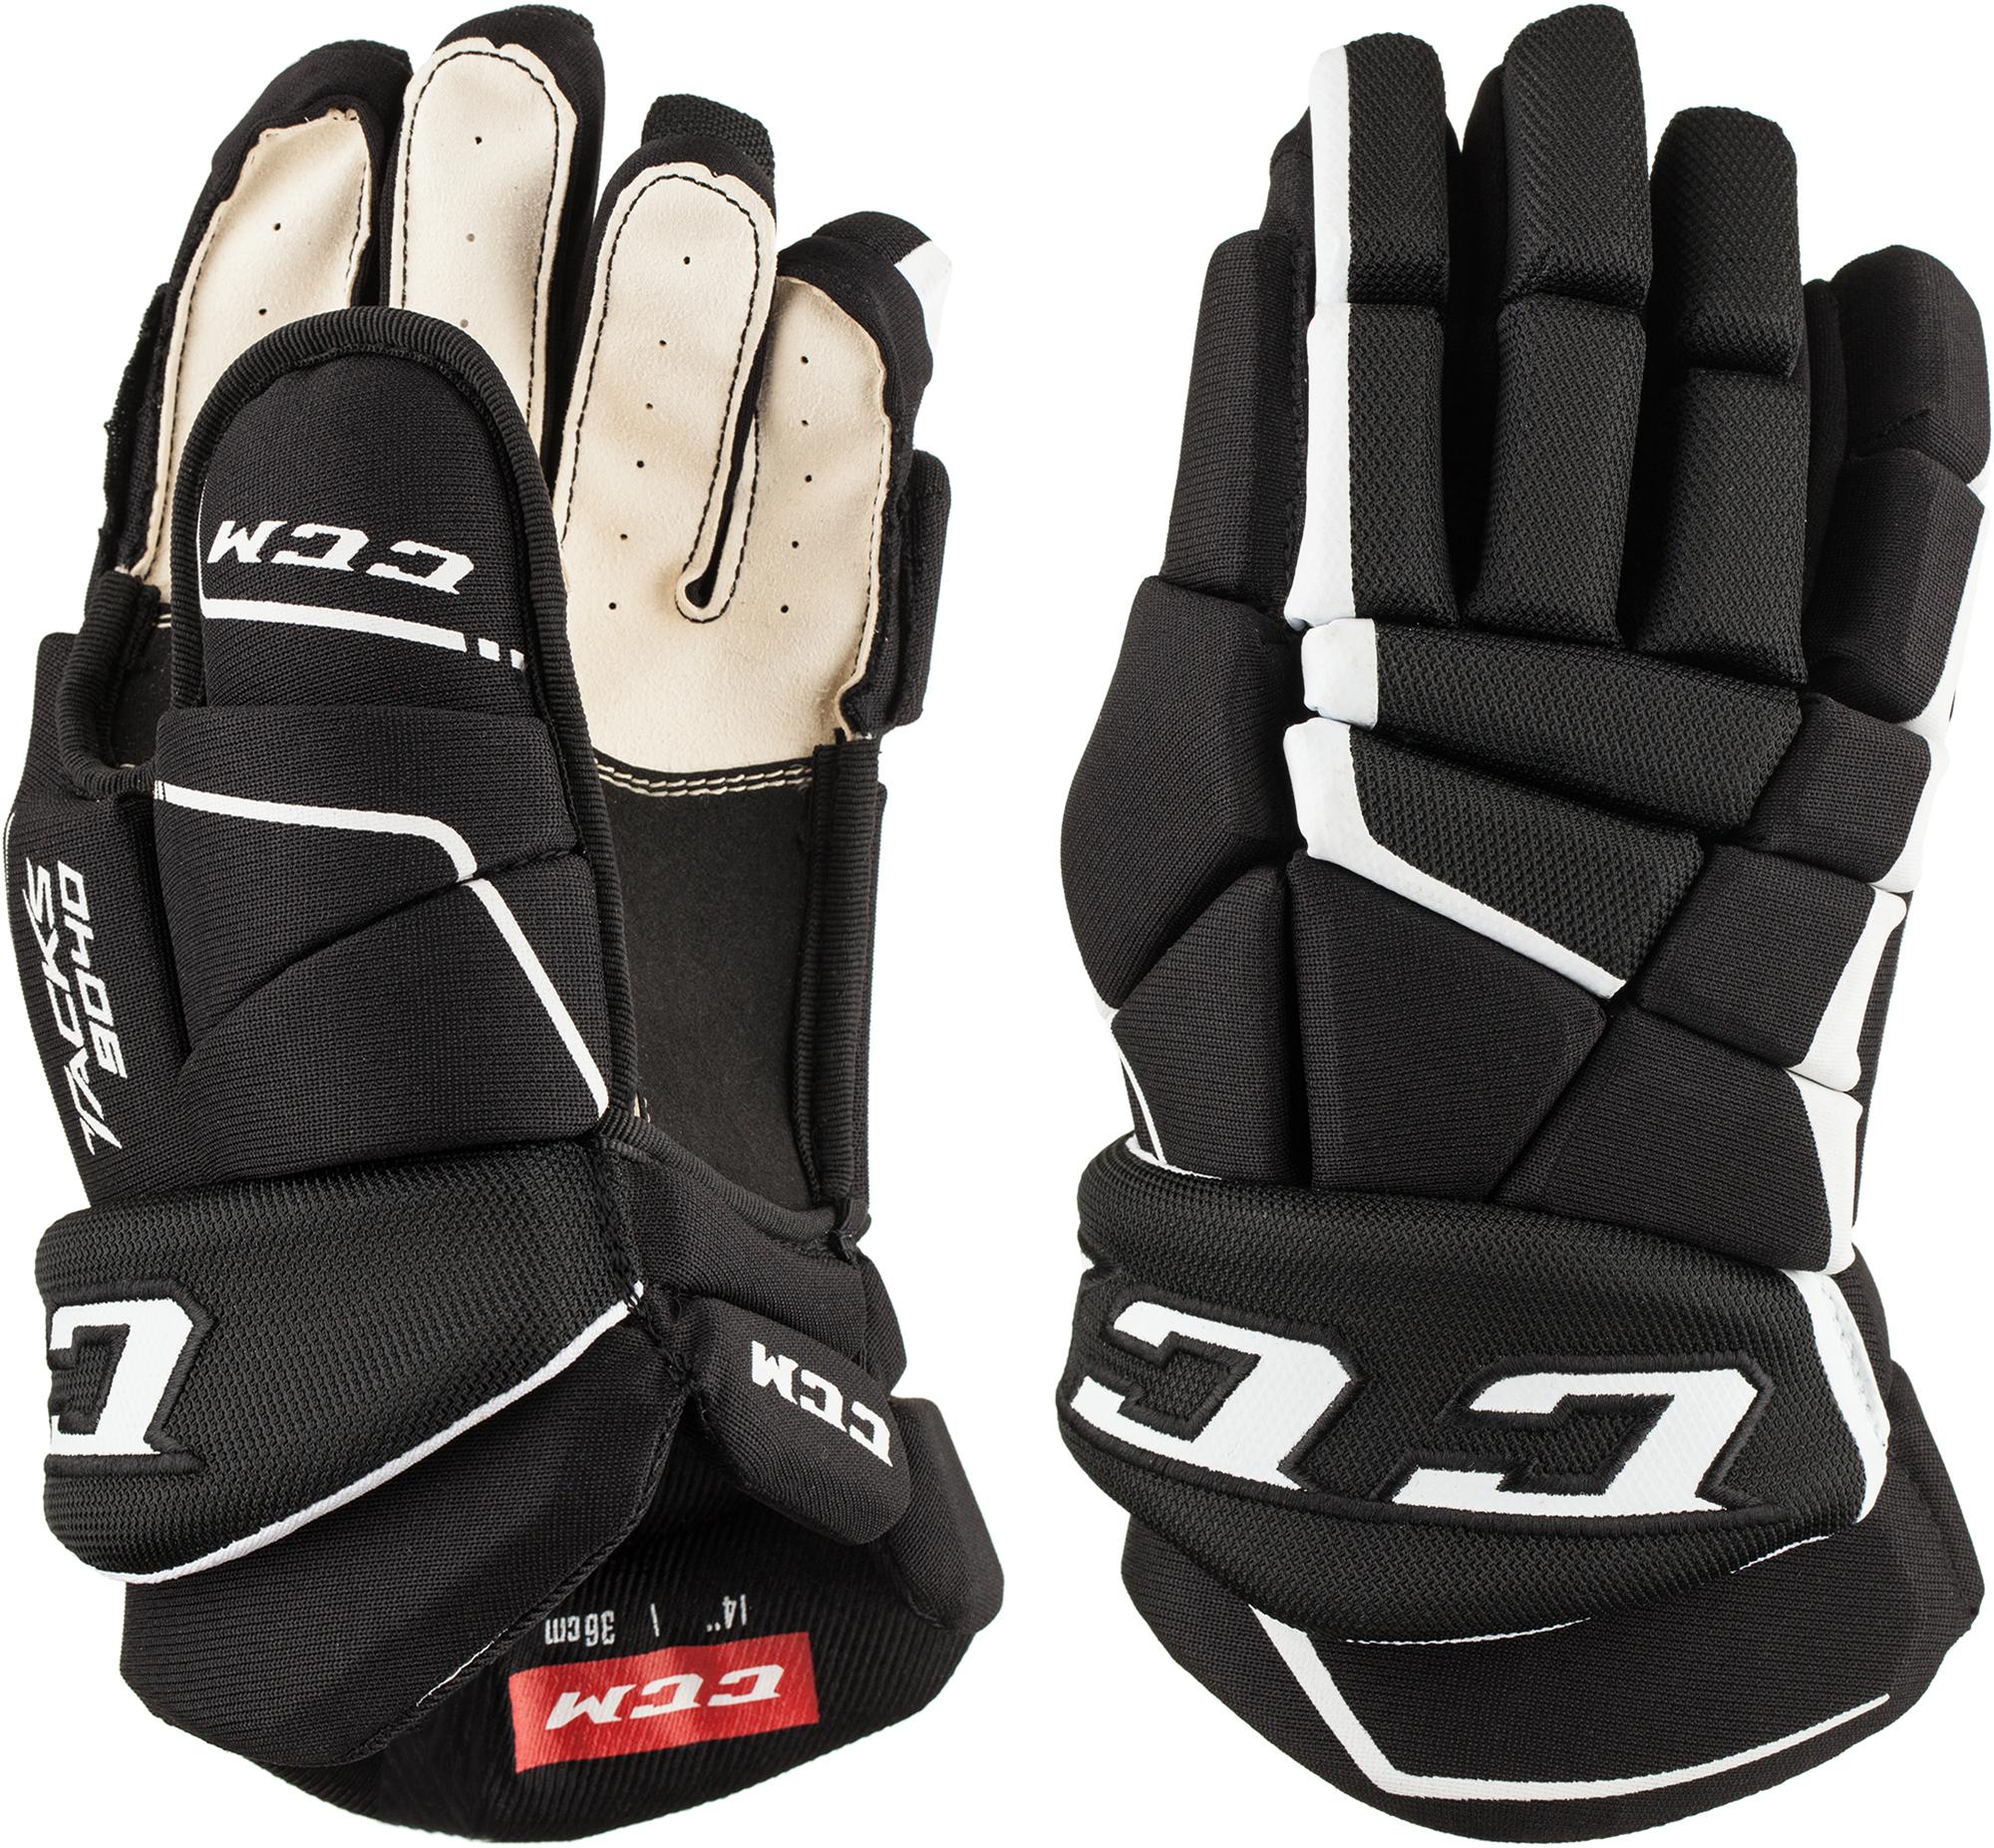 CCM Перчатки хоккейные подростковые CCM HG9040 JR ccm перчатки хоккейные ccm ccm js 350 размер 13